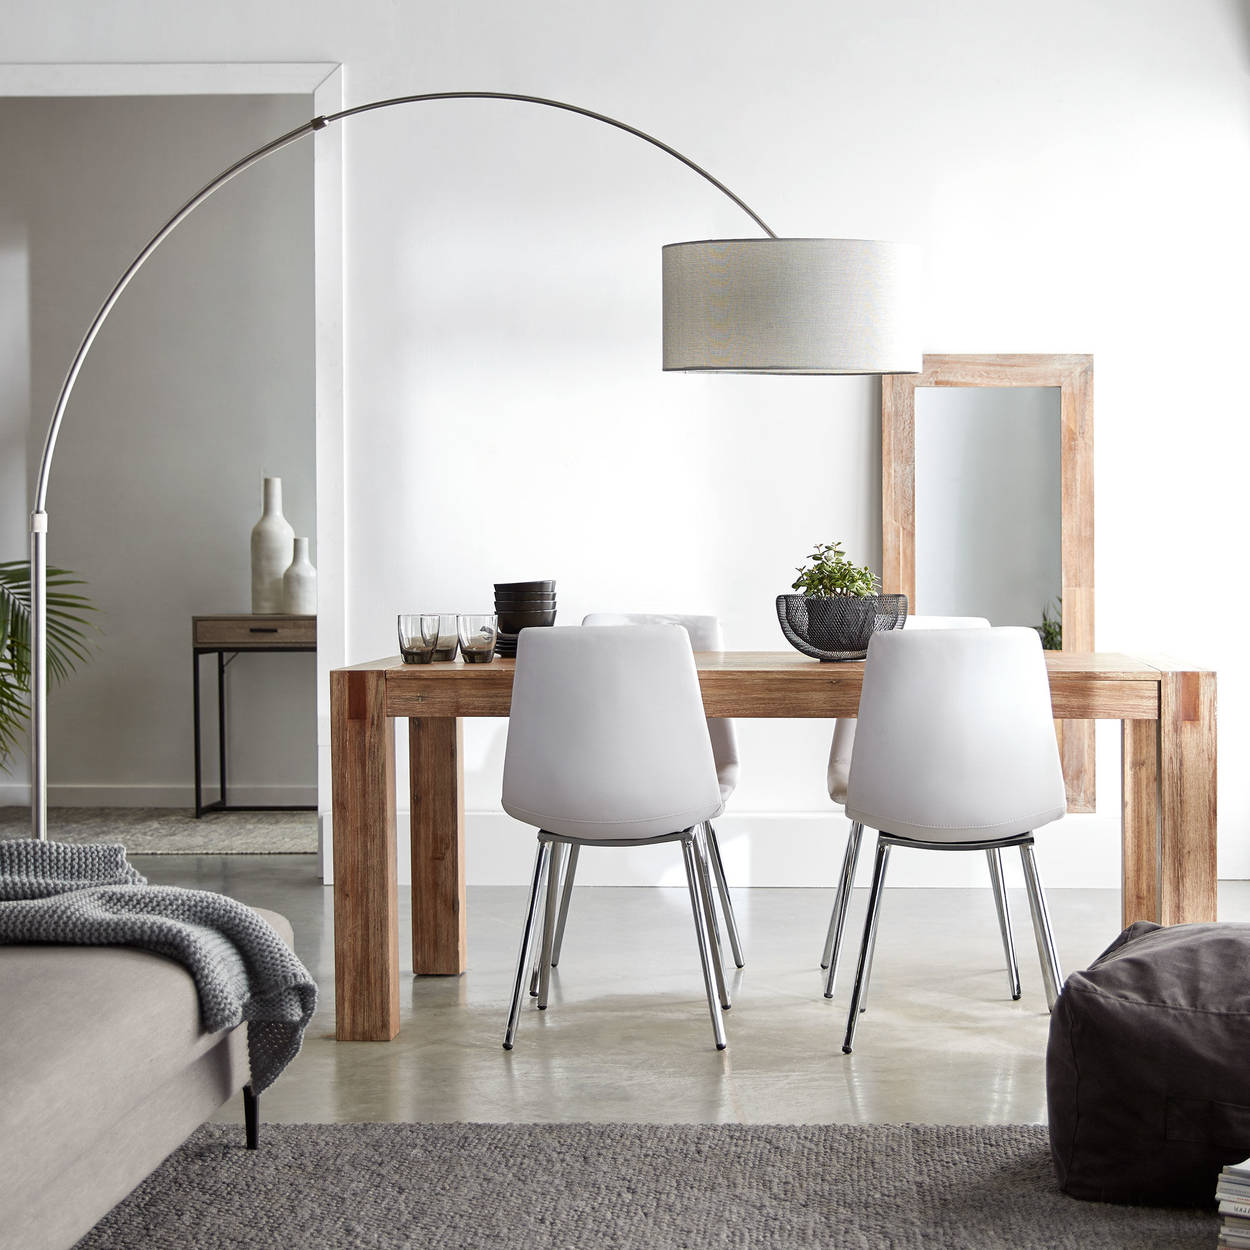 kleines wohnzimmer mit essbereich einrichten tipps der freshideen redaktion. Black Bedroom Furniture Sets. Home Design Ideas